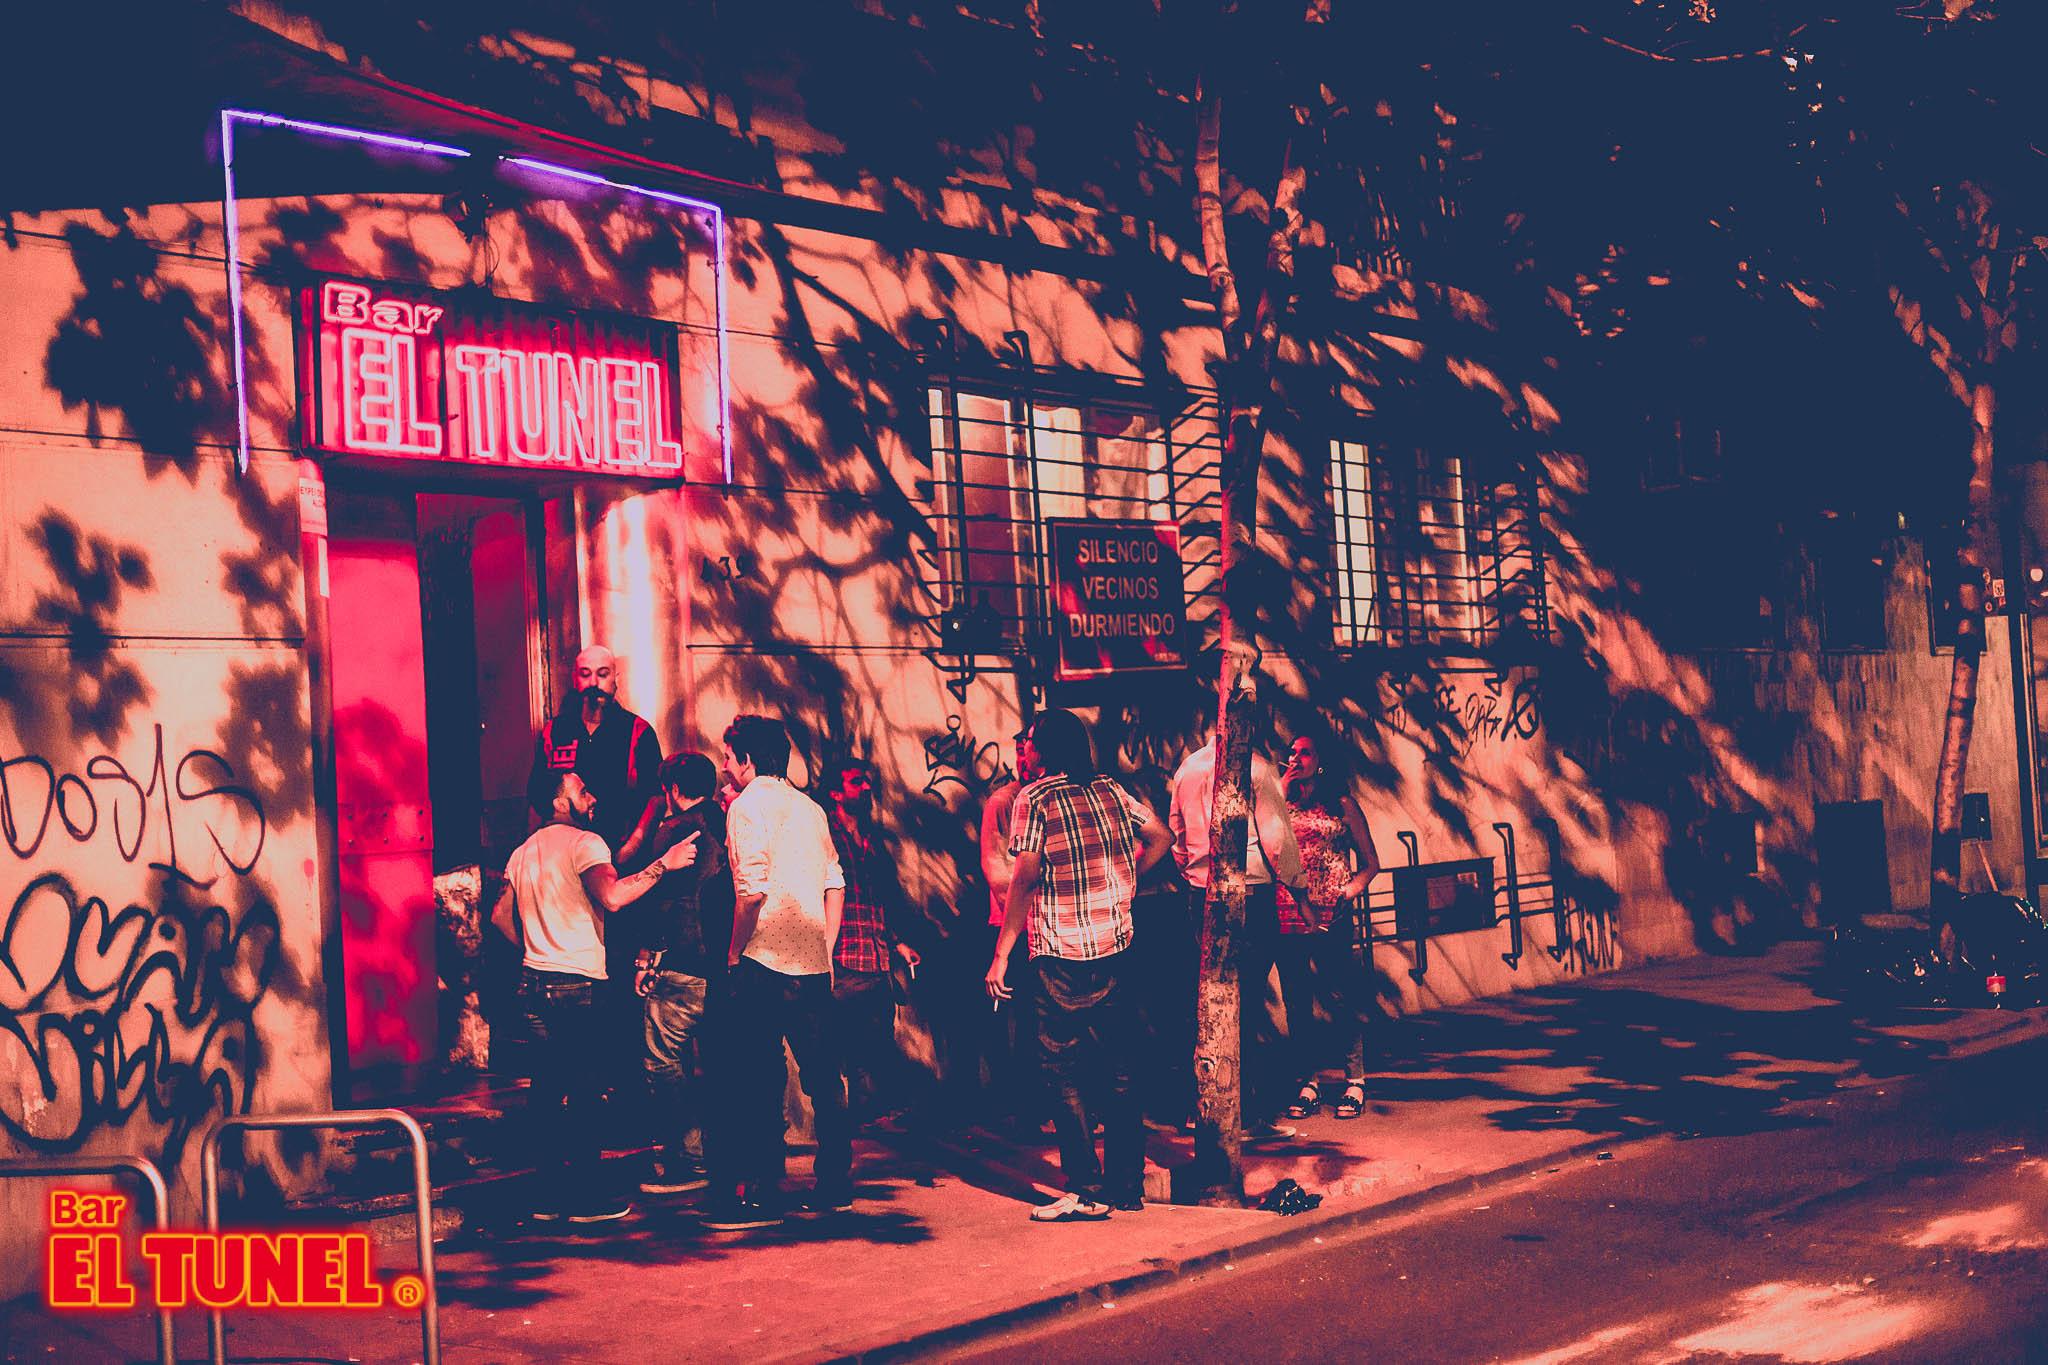 Jueza condena a popular discoteque del Barrio Bellas Artes por discriminar a clienta transgénero